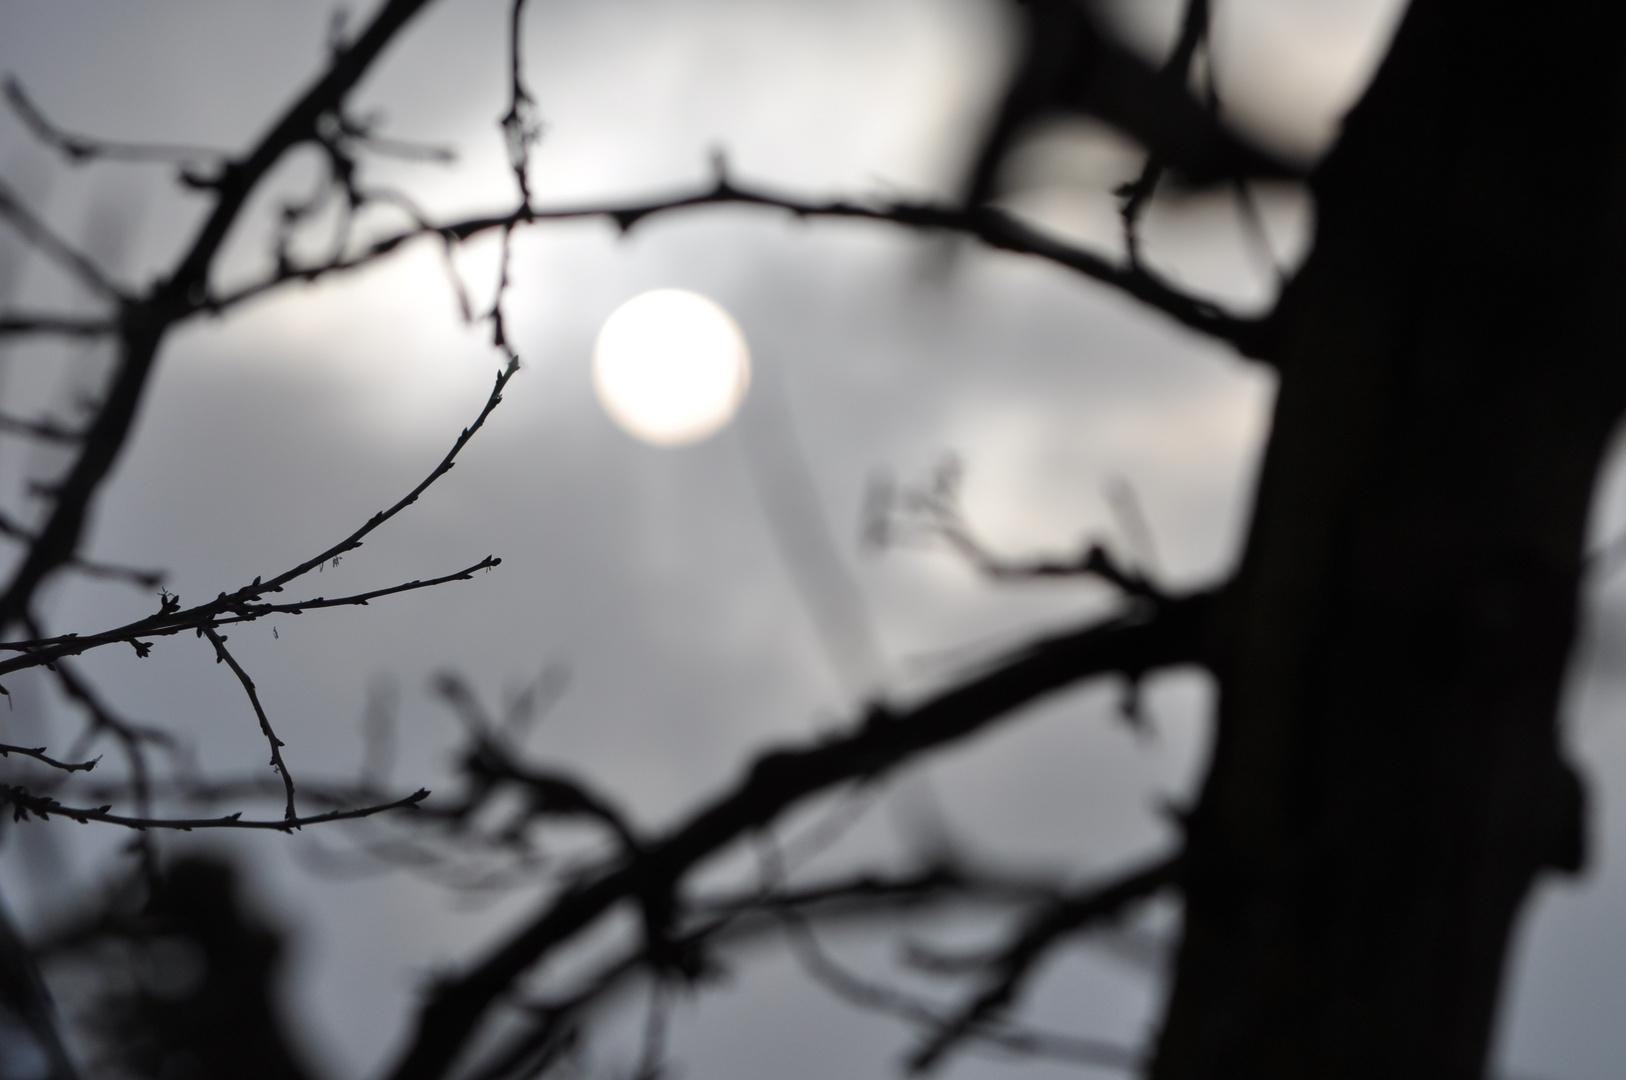 un jour, un moment, une ombre...